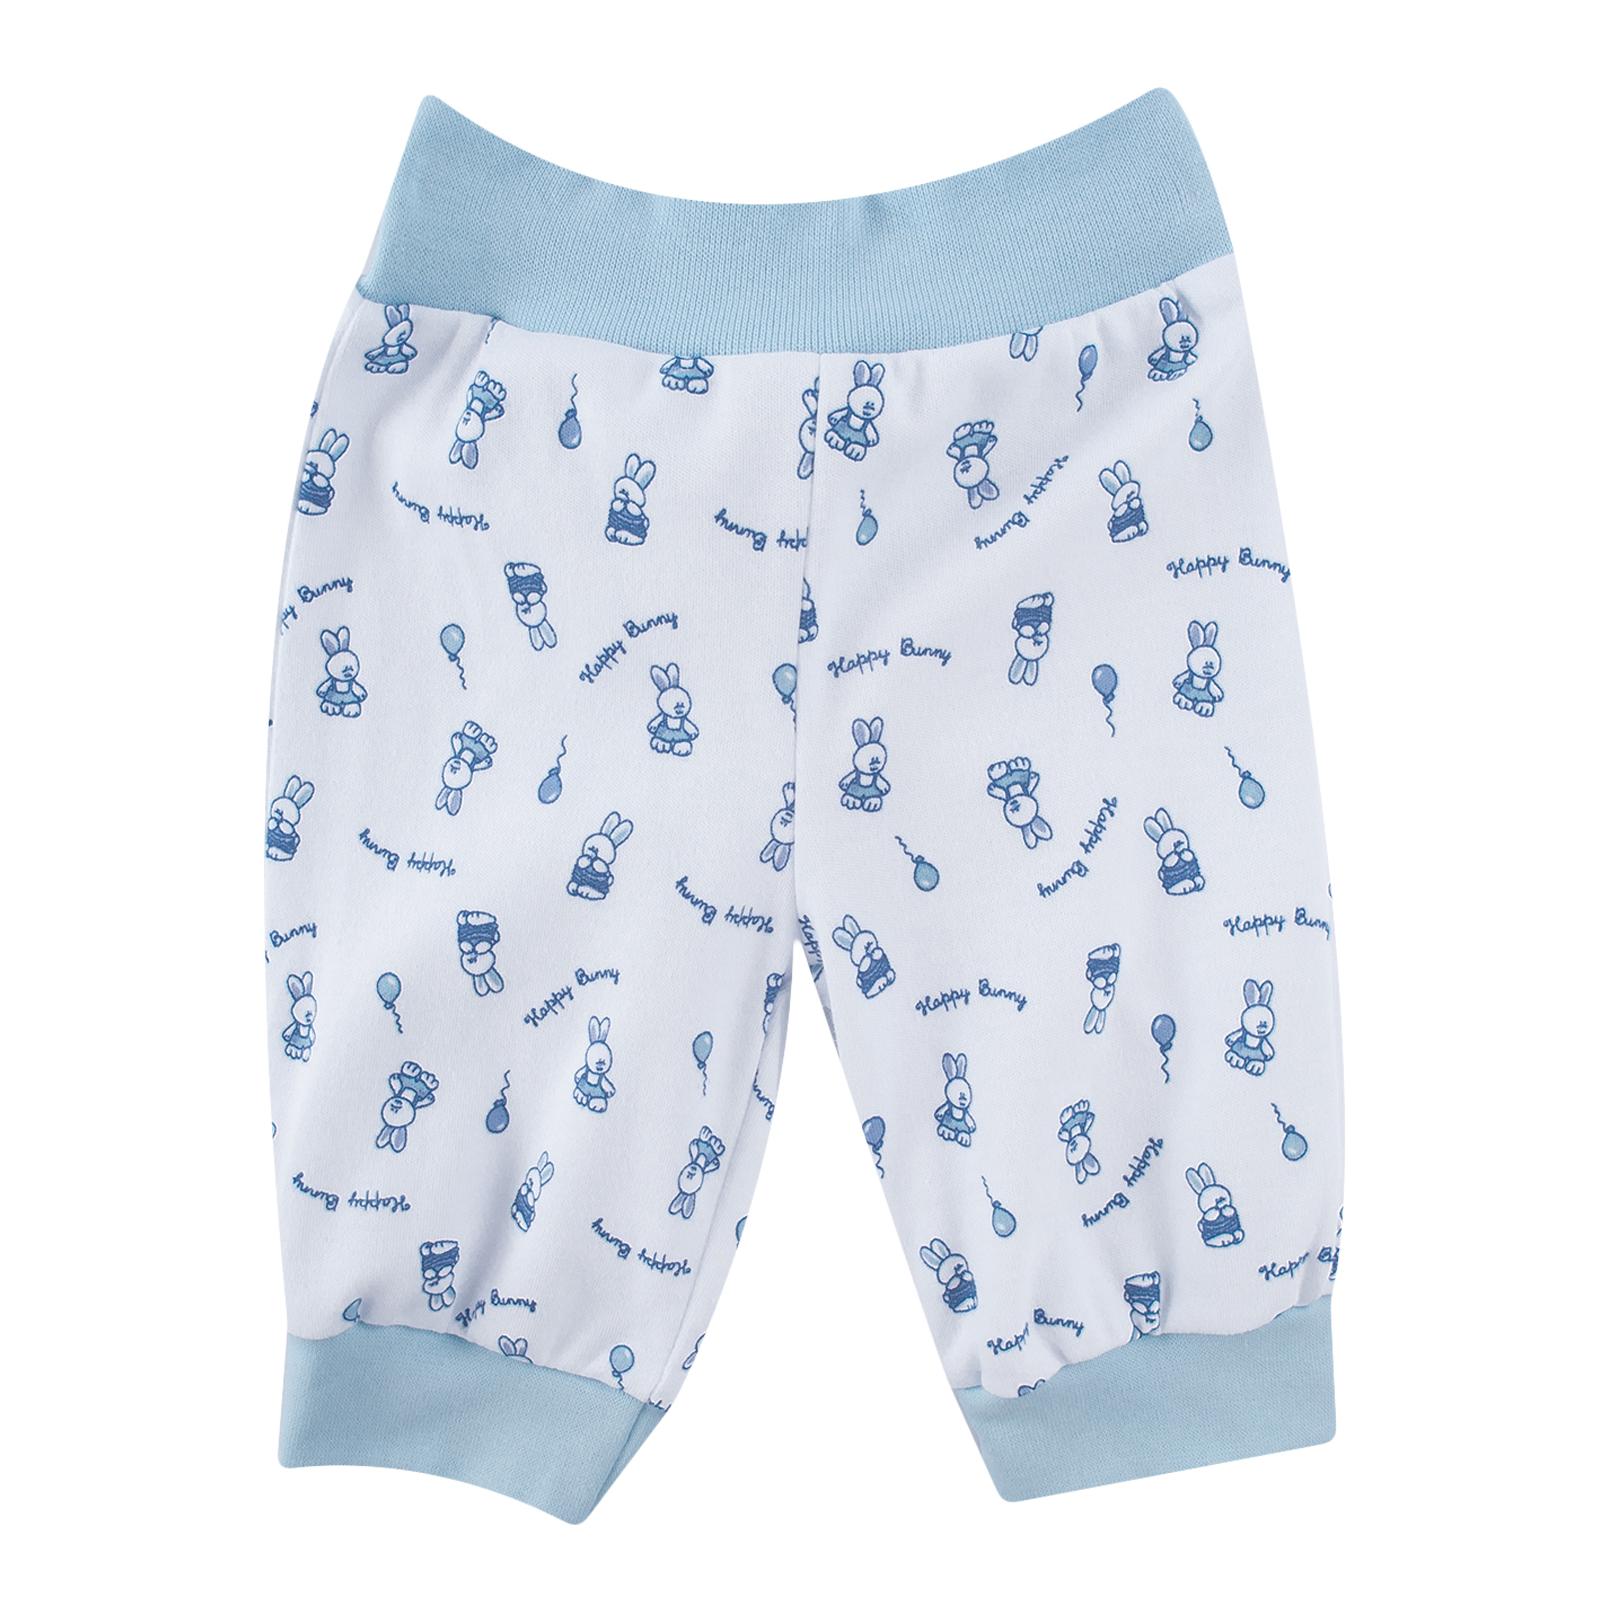 Штанишки КОТМАРКОТ для мальчика, цвет набивка голубой тон 0-1 мес (размер 58)<br>